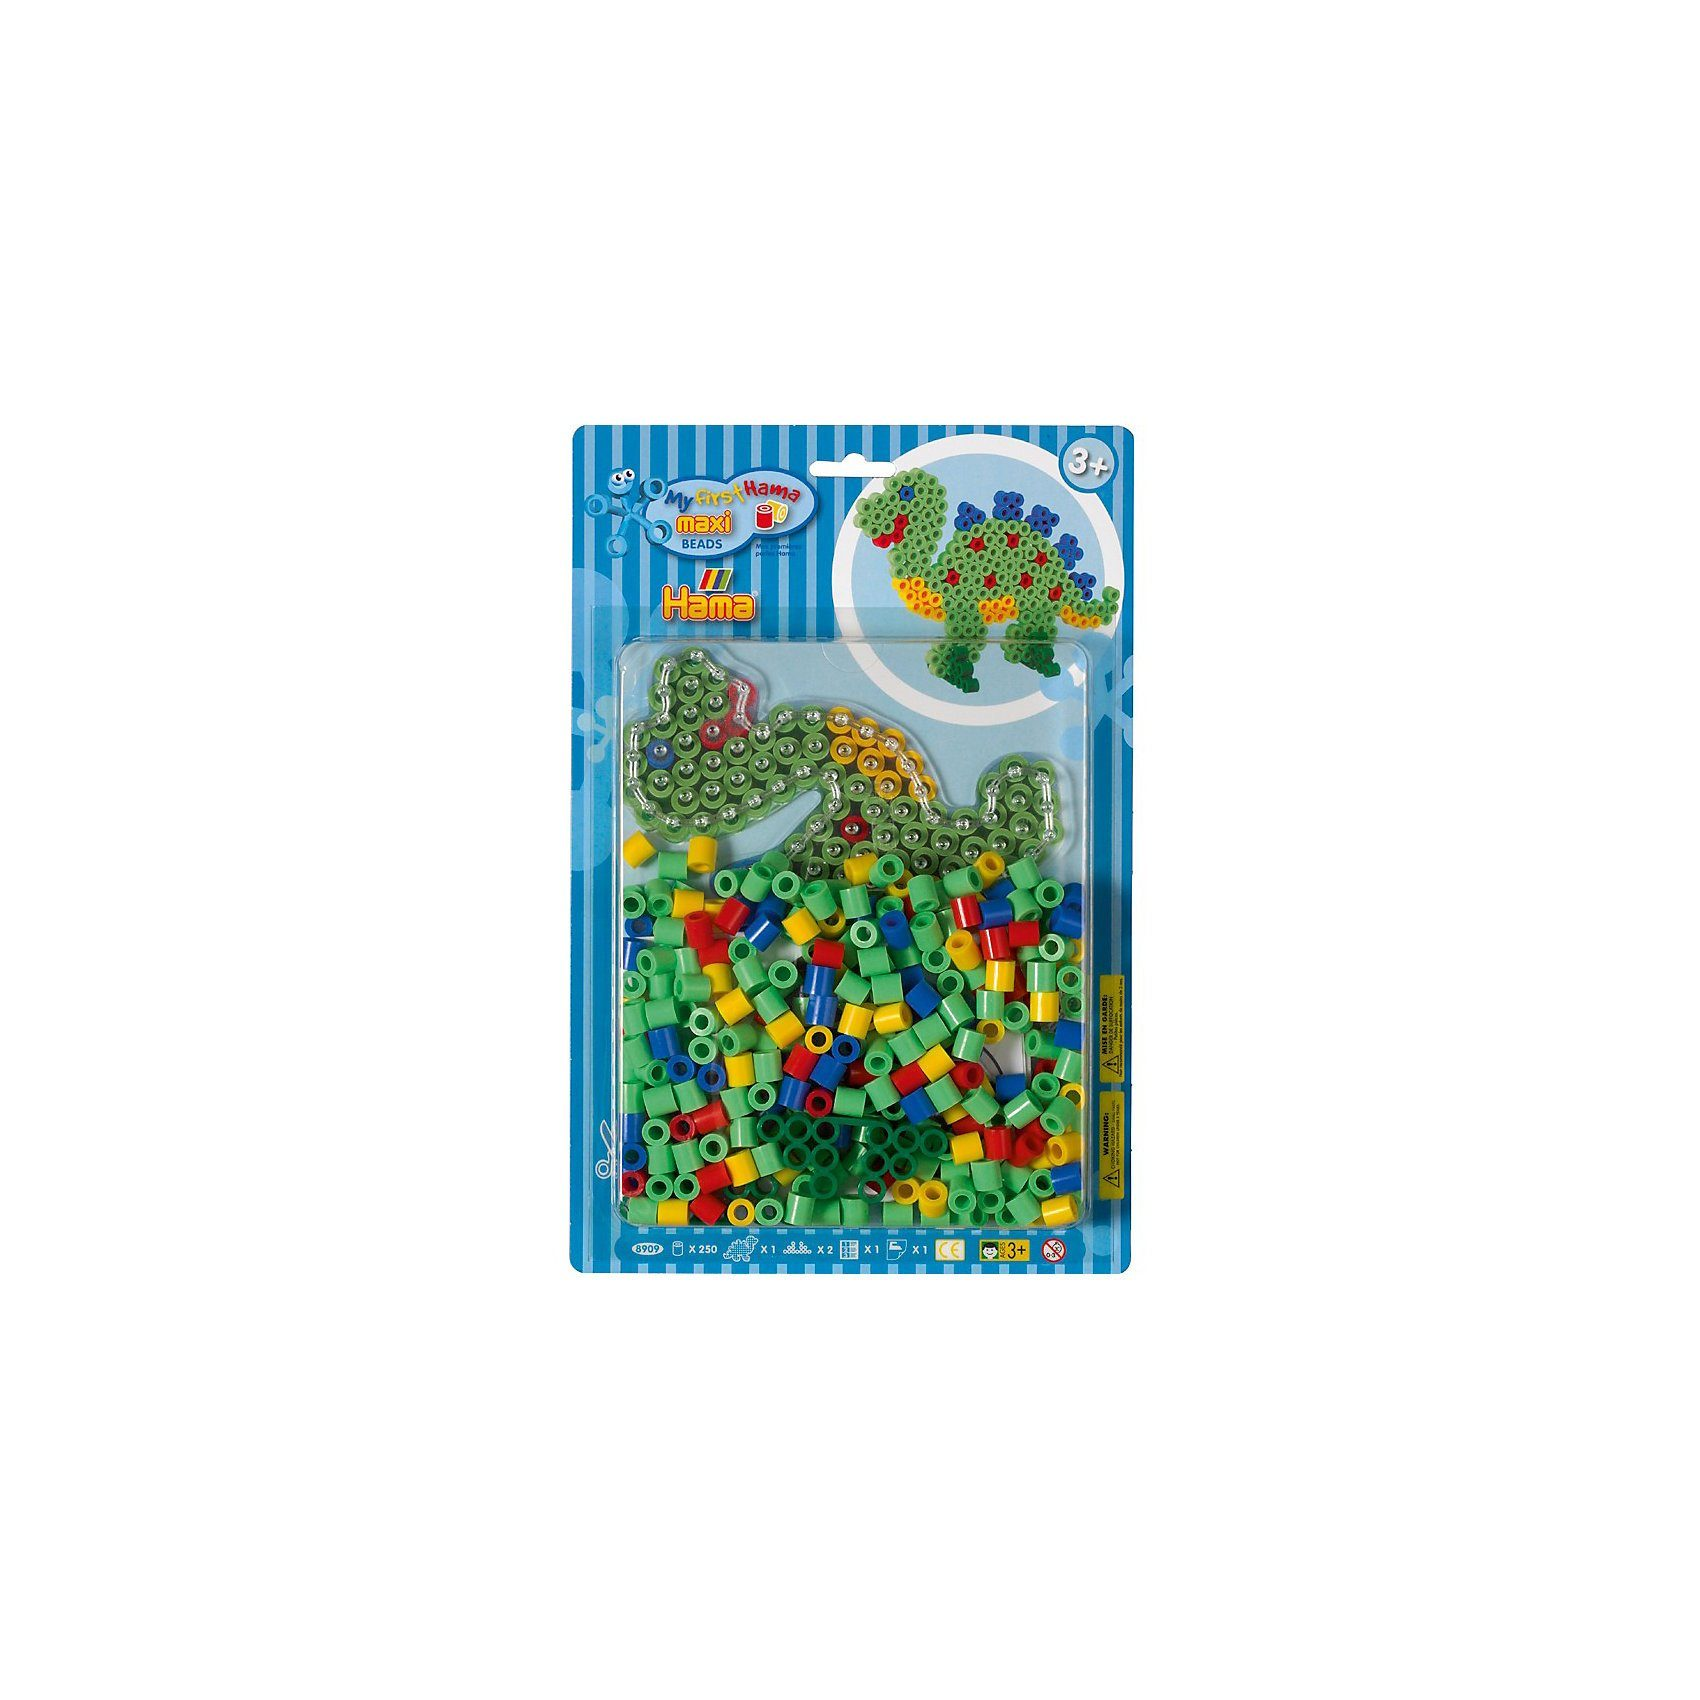 Hama Perlen HAMA 8909 Blister Dinosaurier, 250 maxi-Perlen & Zubehör